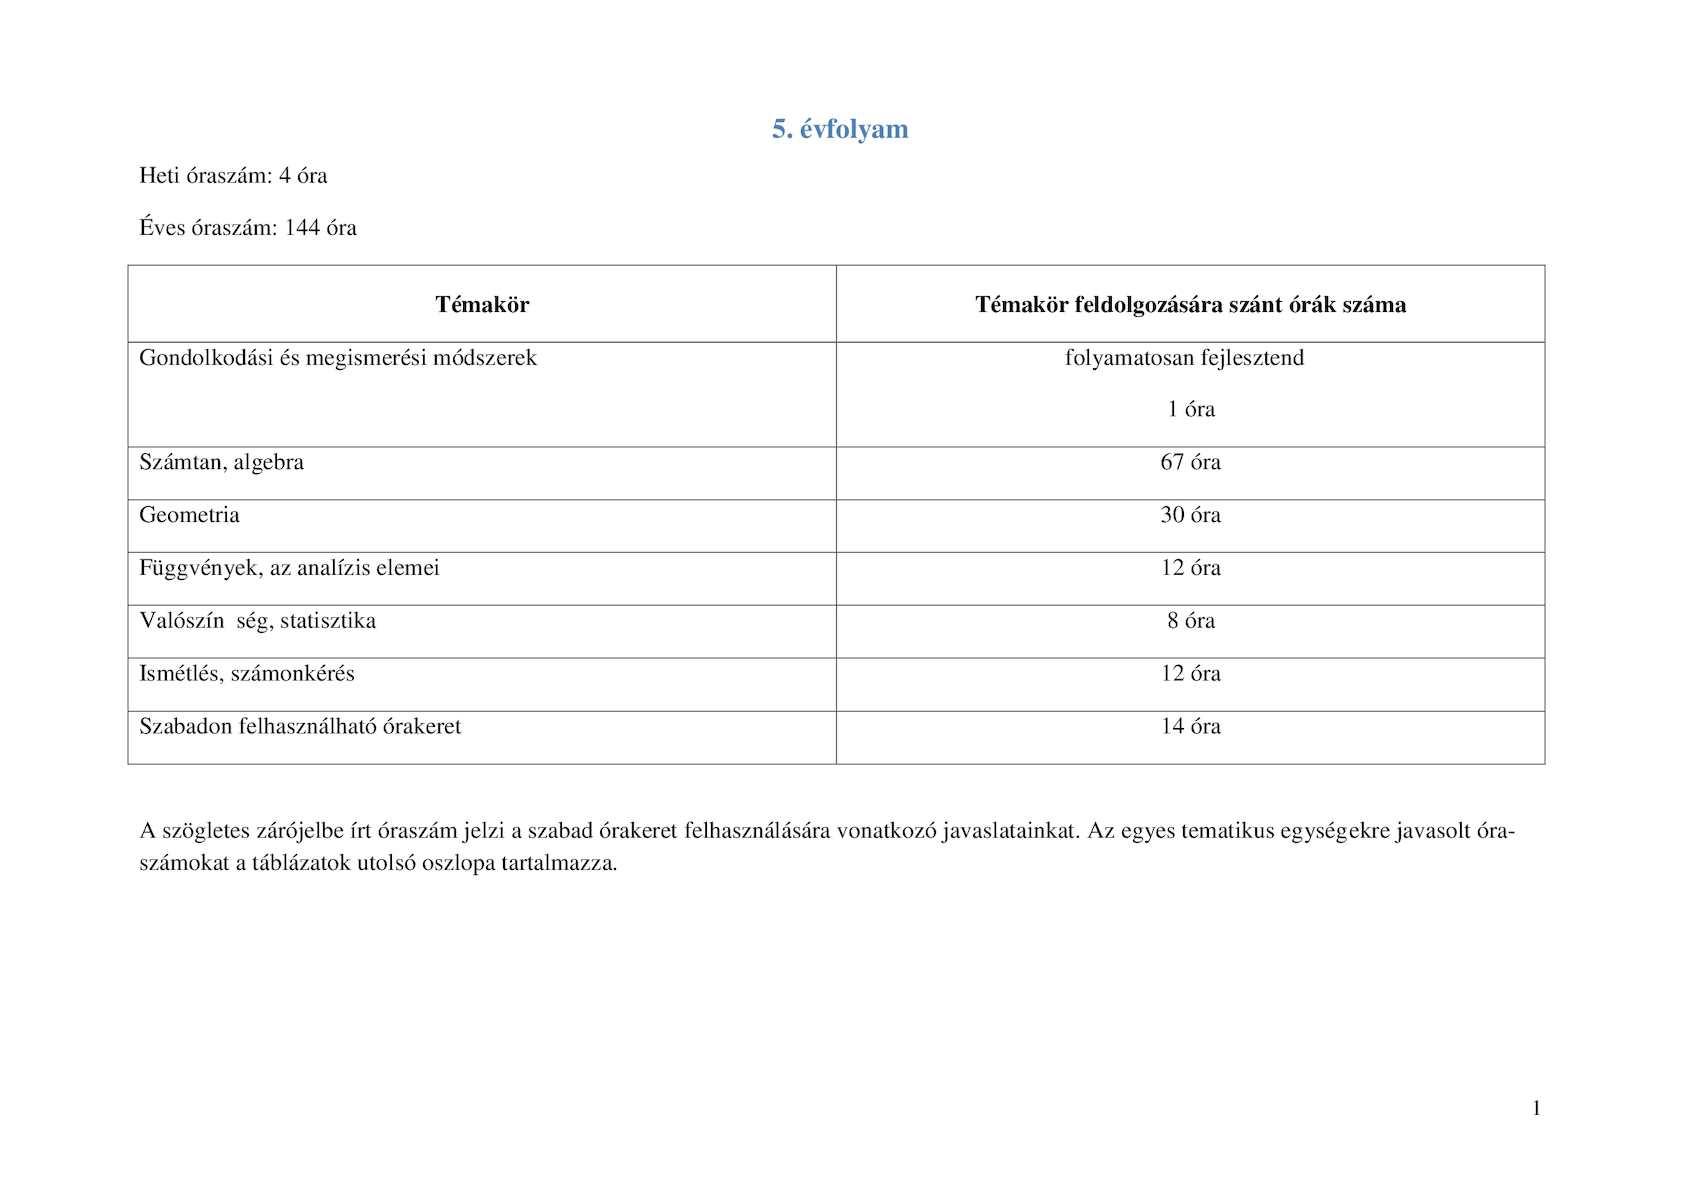 petesejtek és paraziták jeges 9 kód)